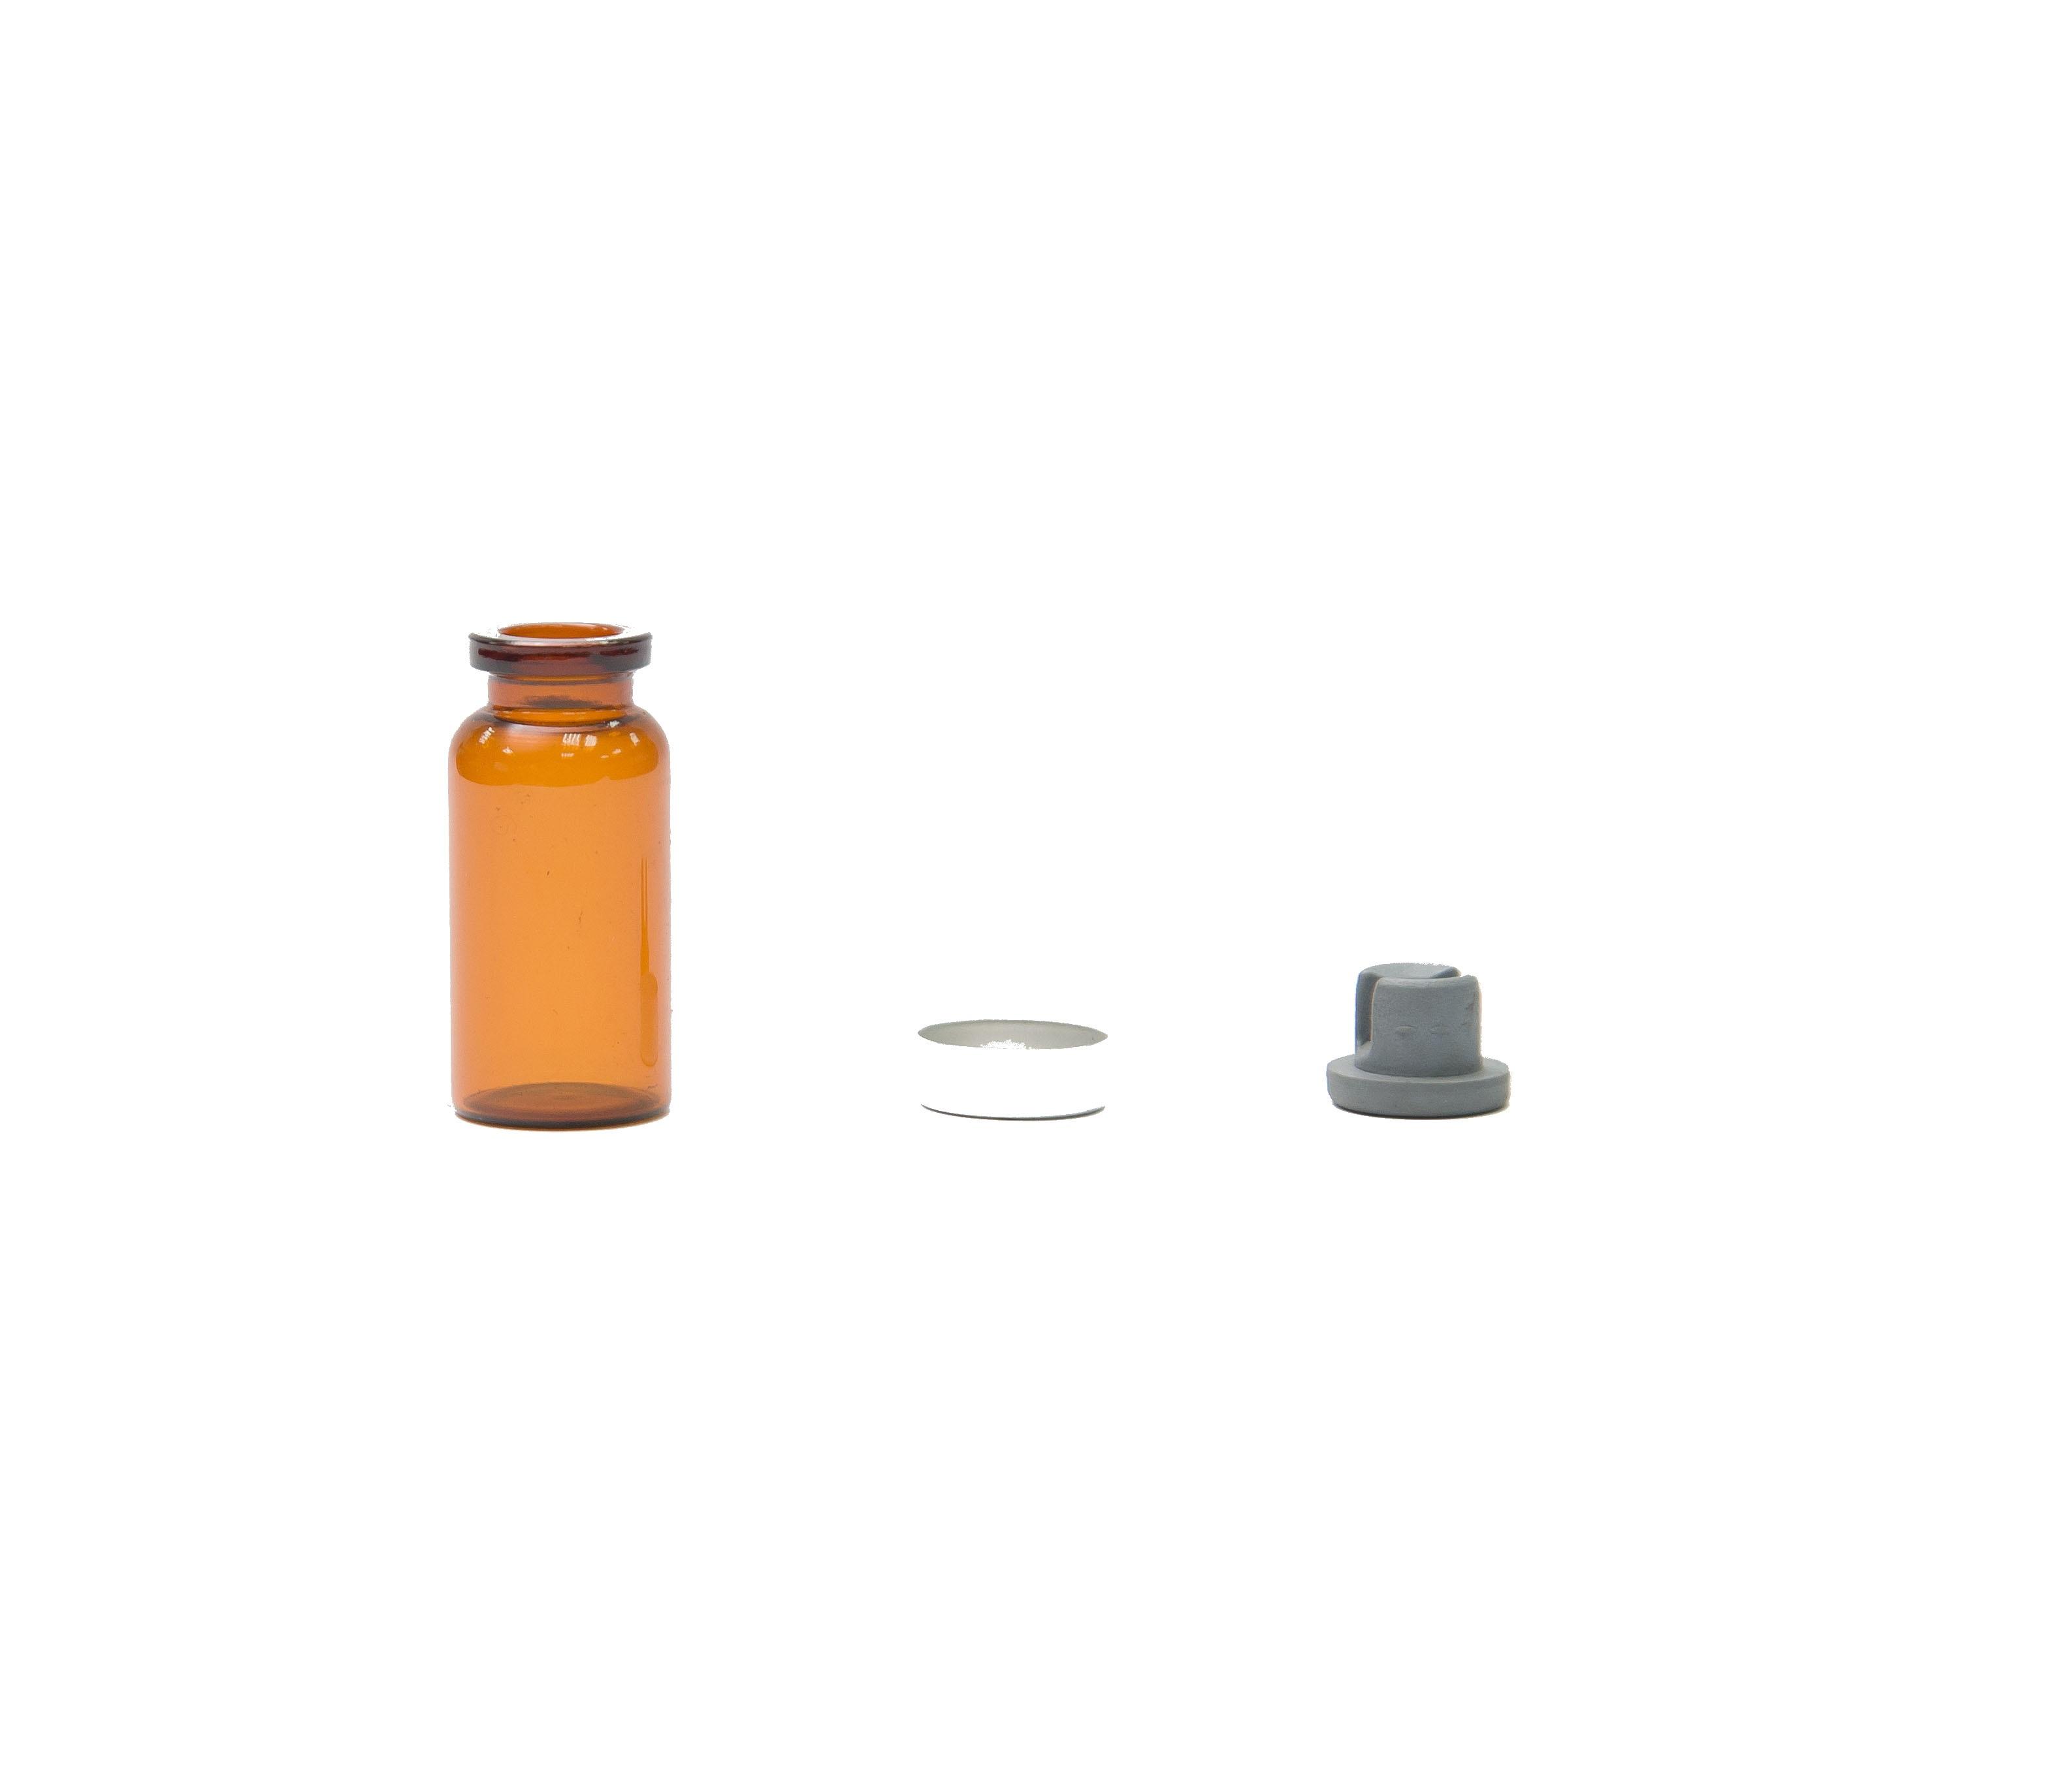 10C.C 西林瓶 附橡皮塞及鋁蓋產品圖-0